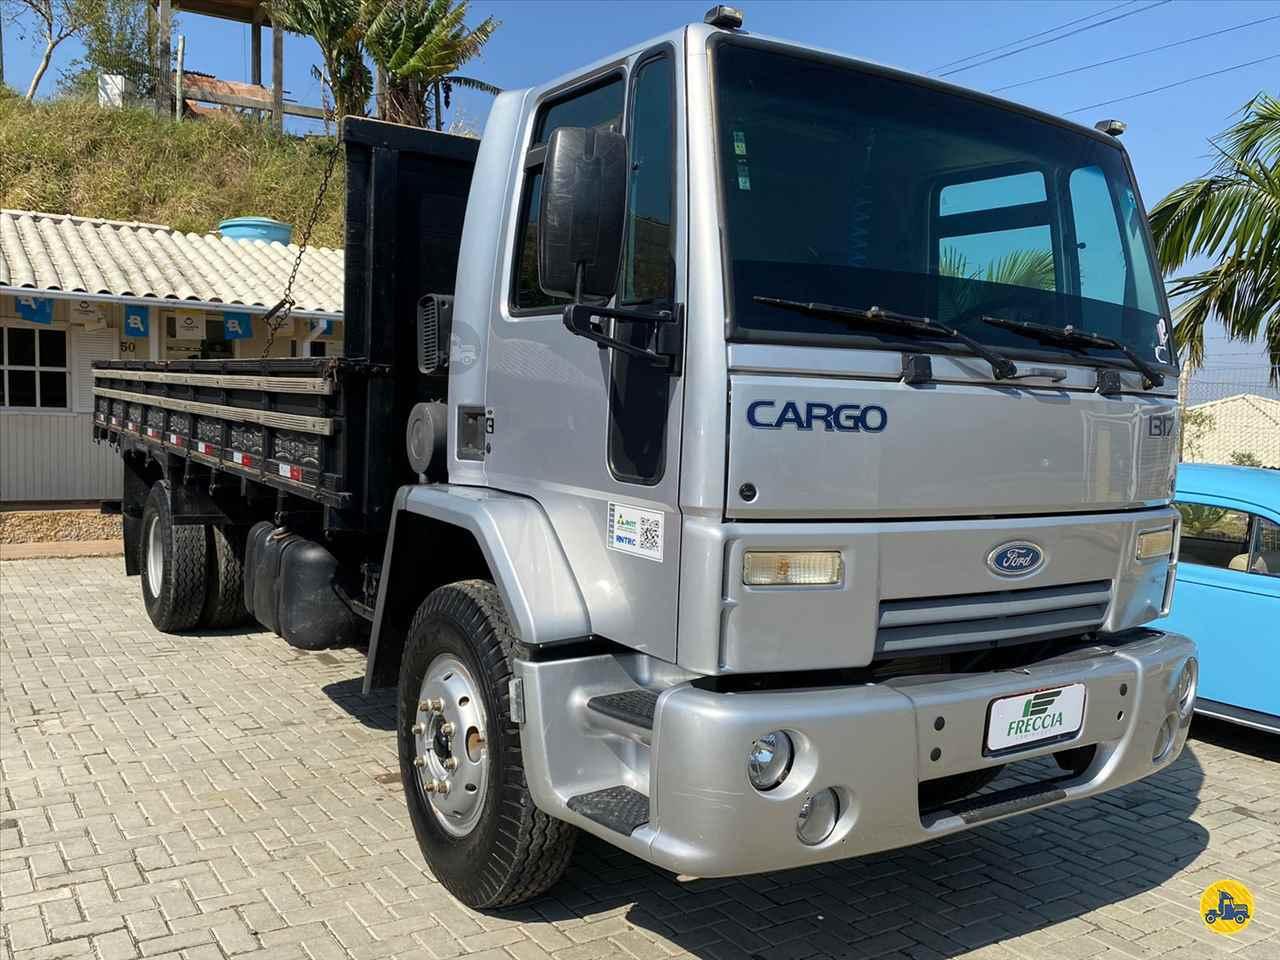 CAMINHAO FORD CARGO 1317 Carga Seca Toco 4x2 Freccia Caminhões JAGUARUNA SANTA CATARINA SC